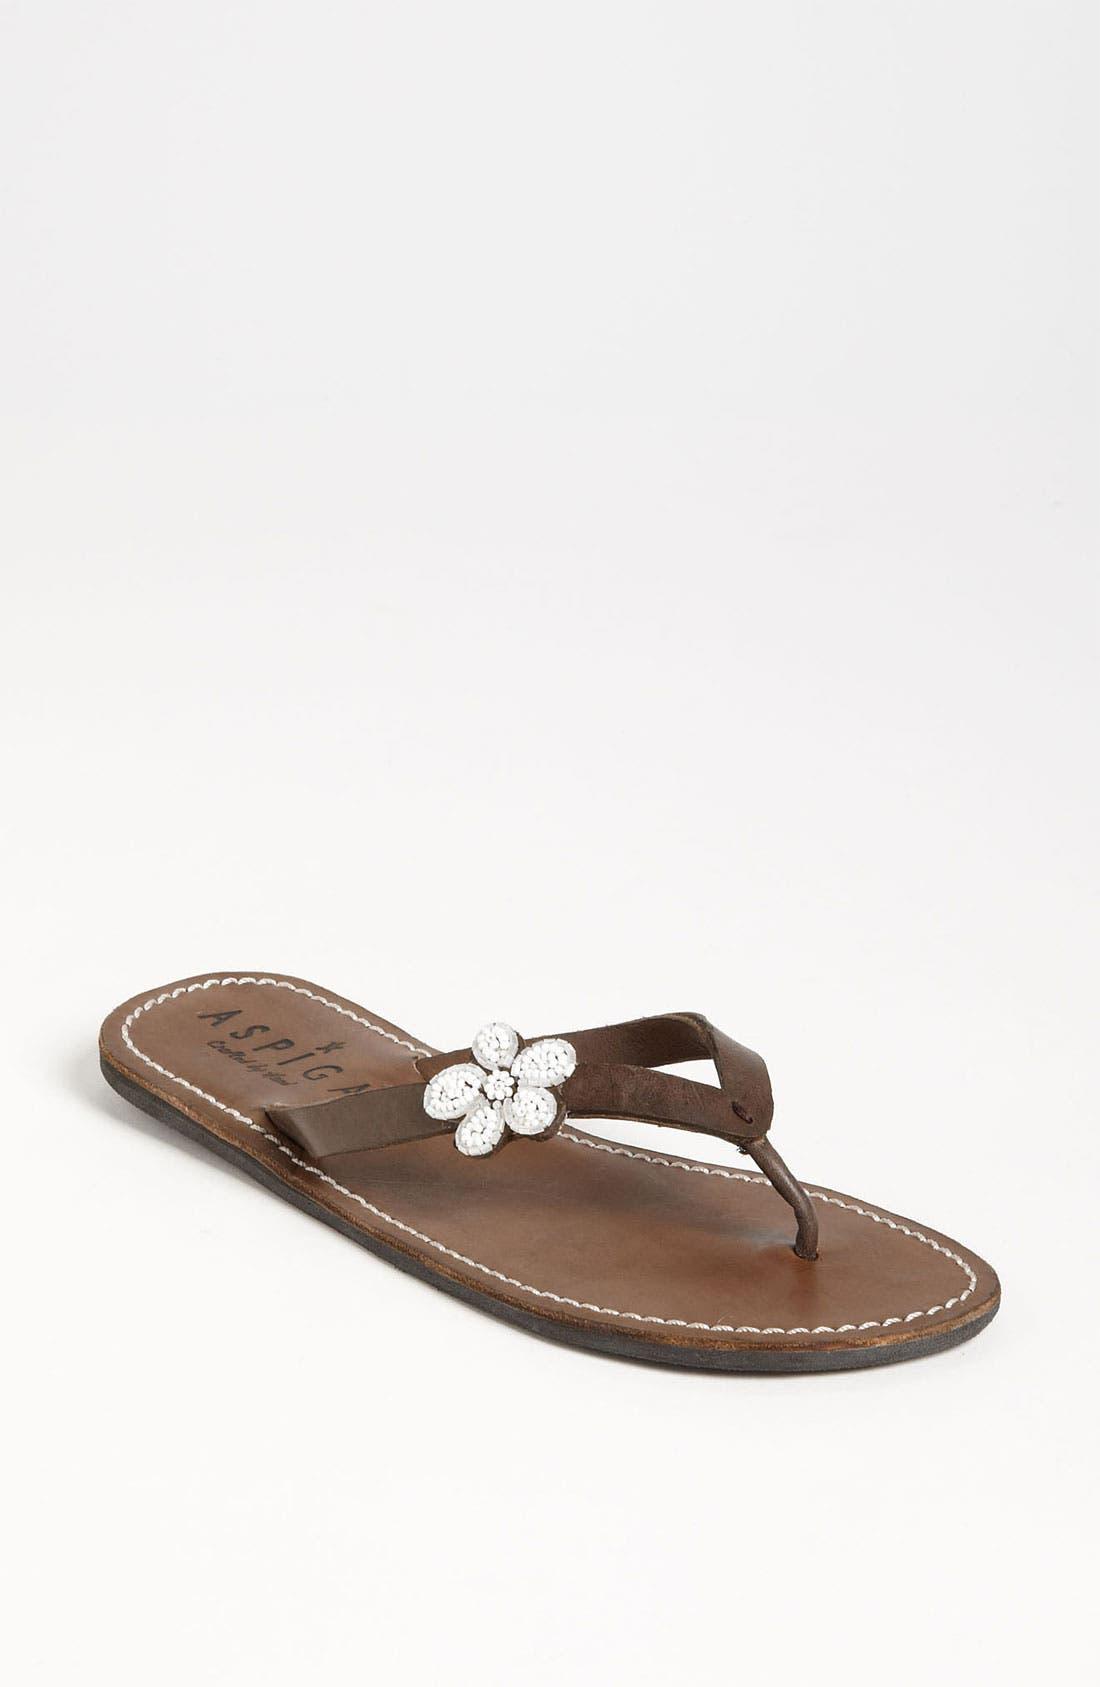 Alternate Image 1 Selected - Aspiga 'Tamu' Sandal